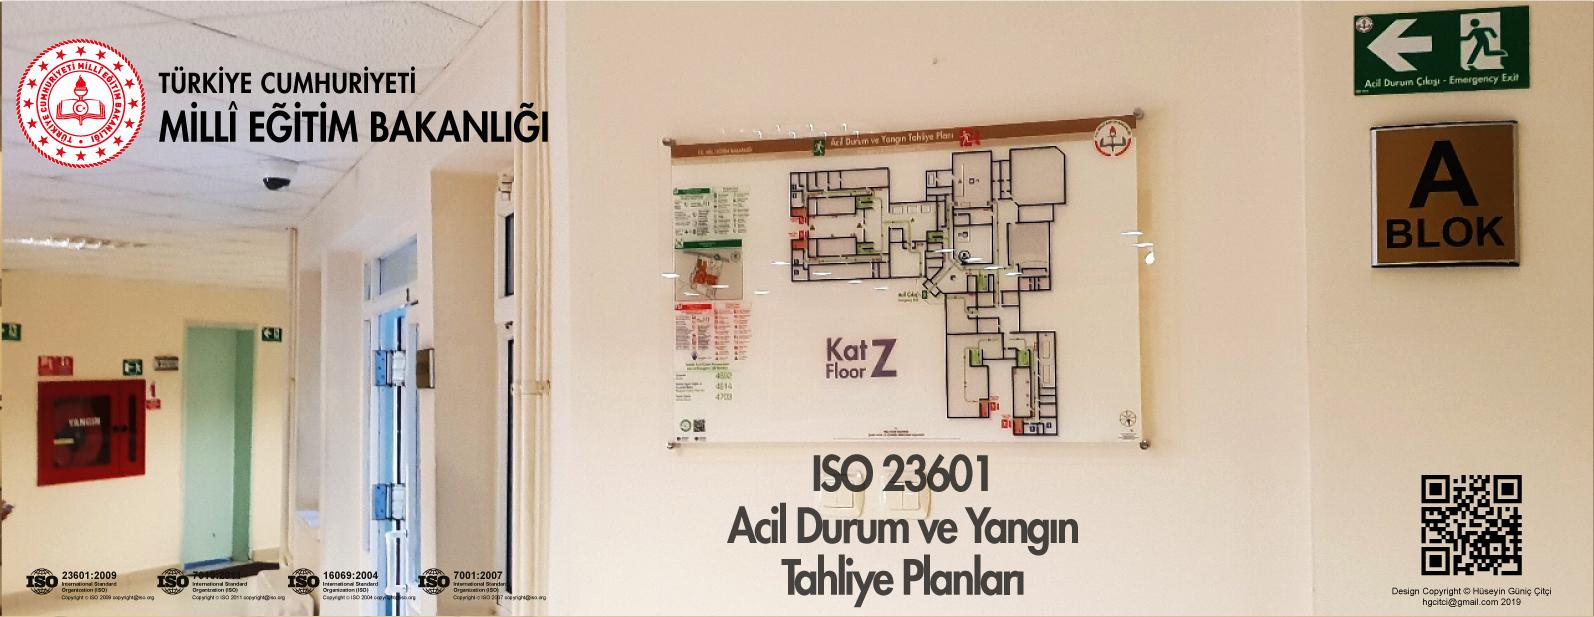 meb ISO 23601 Acil Durum ve Yangın Tahliye Kat Planları